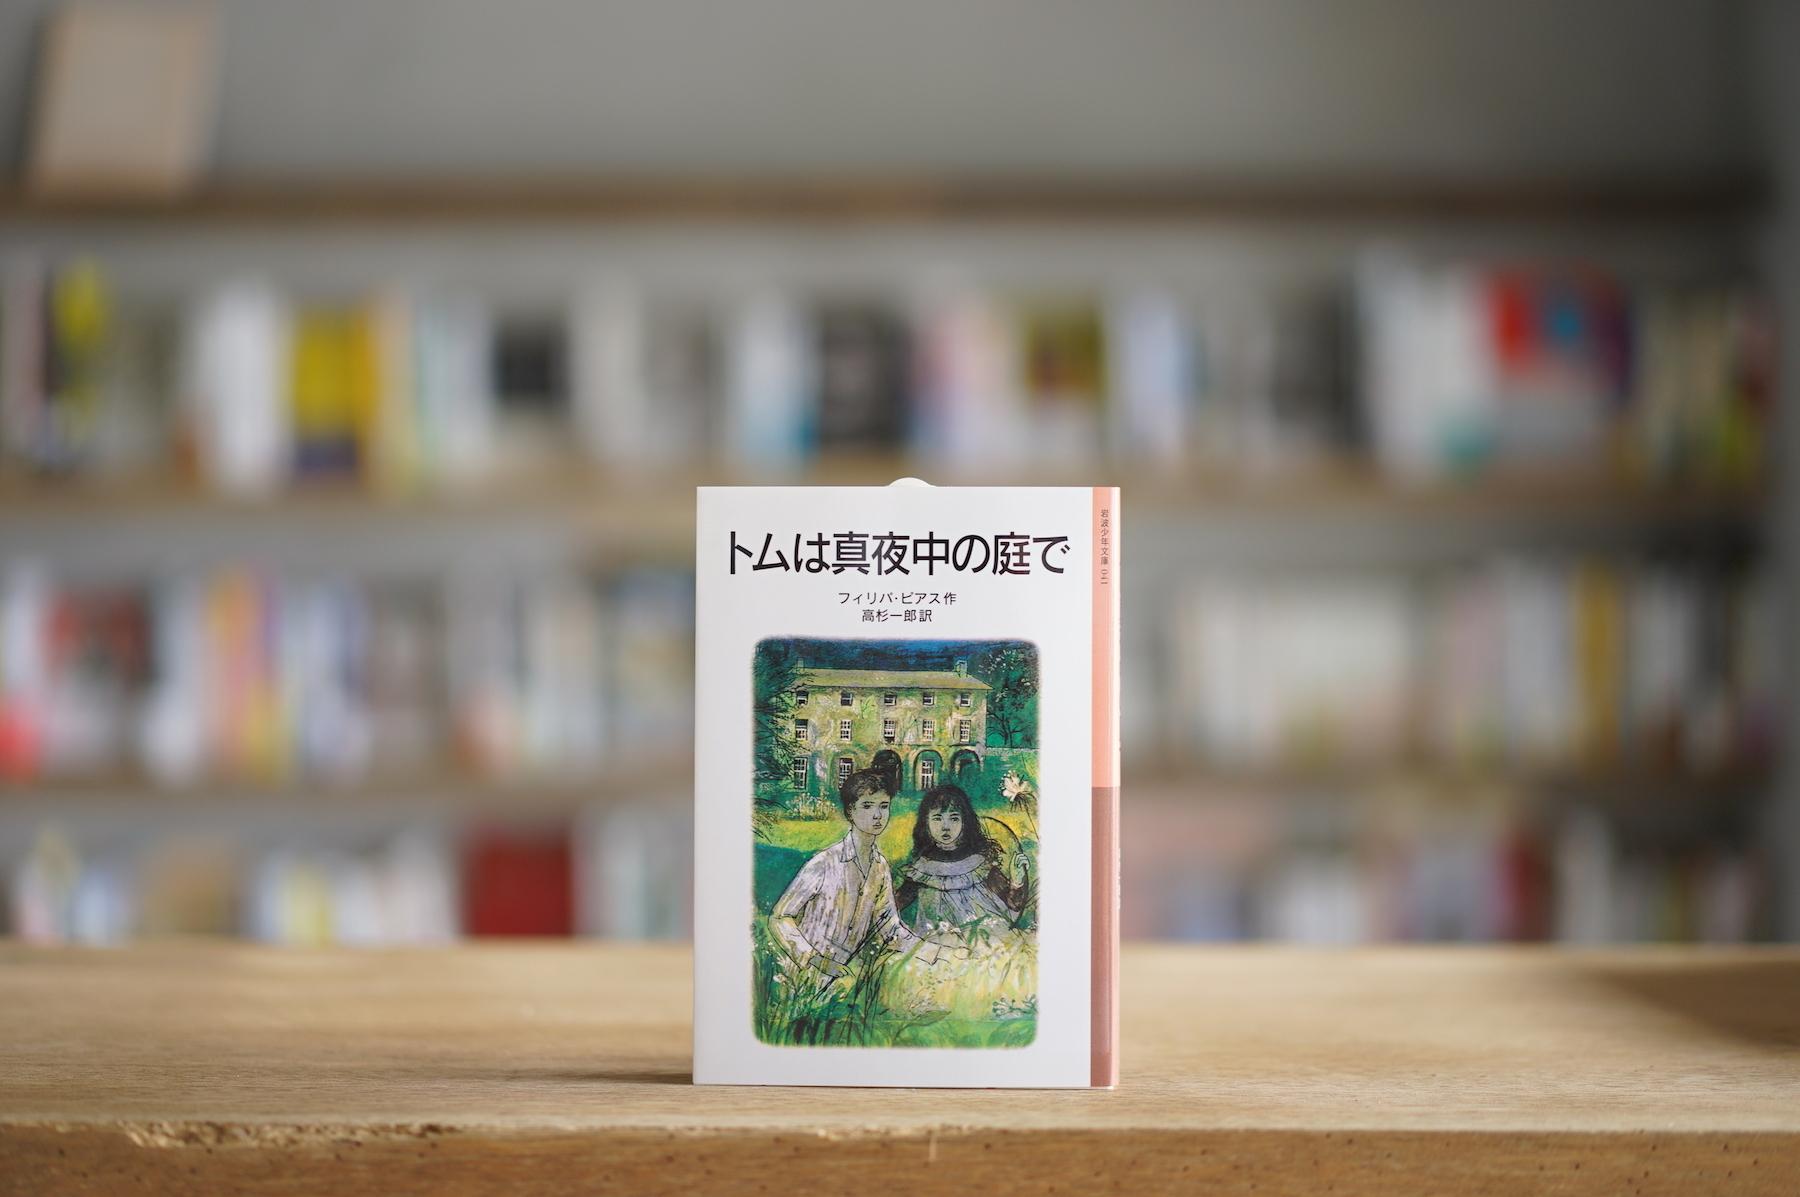 フィリパ・ピアス 訳:高杉一郎 『トムは真夜中の庭で』 (岩波書店、2000)